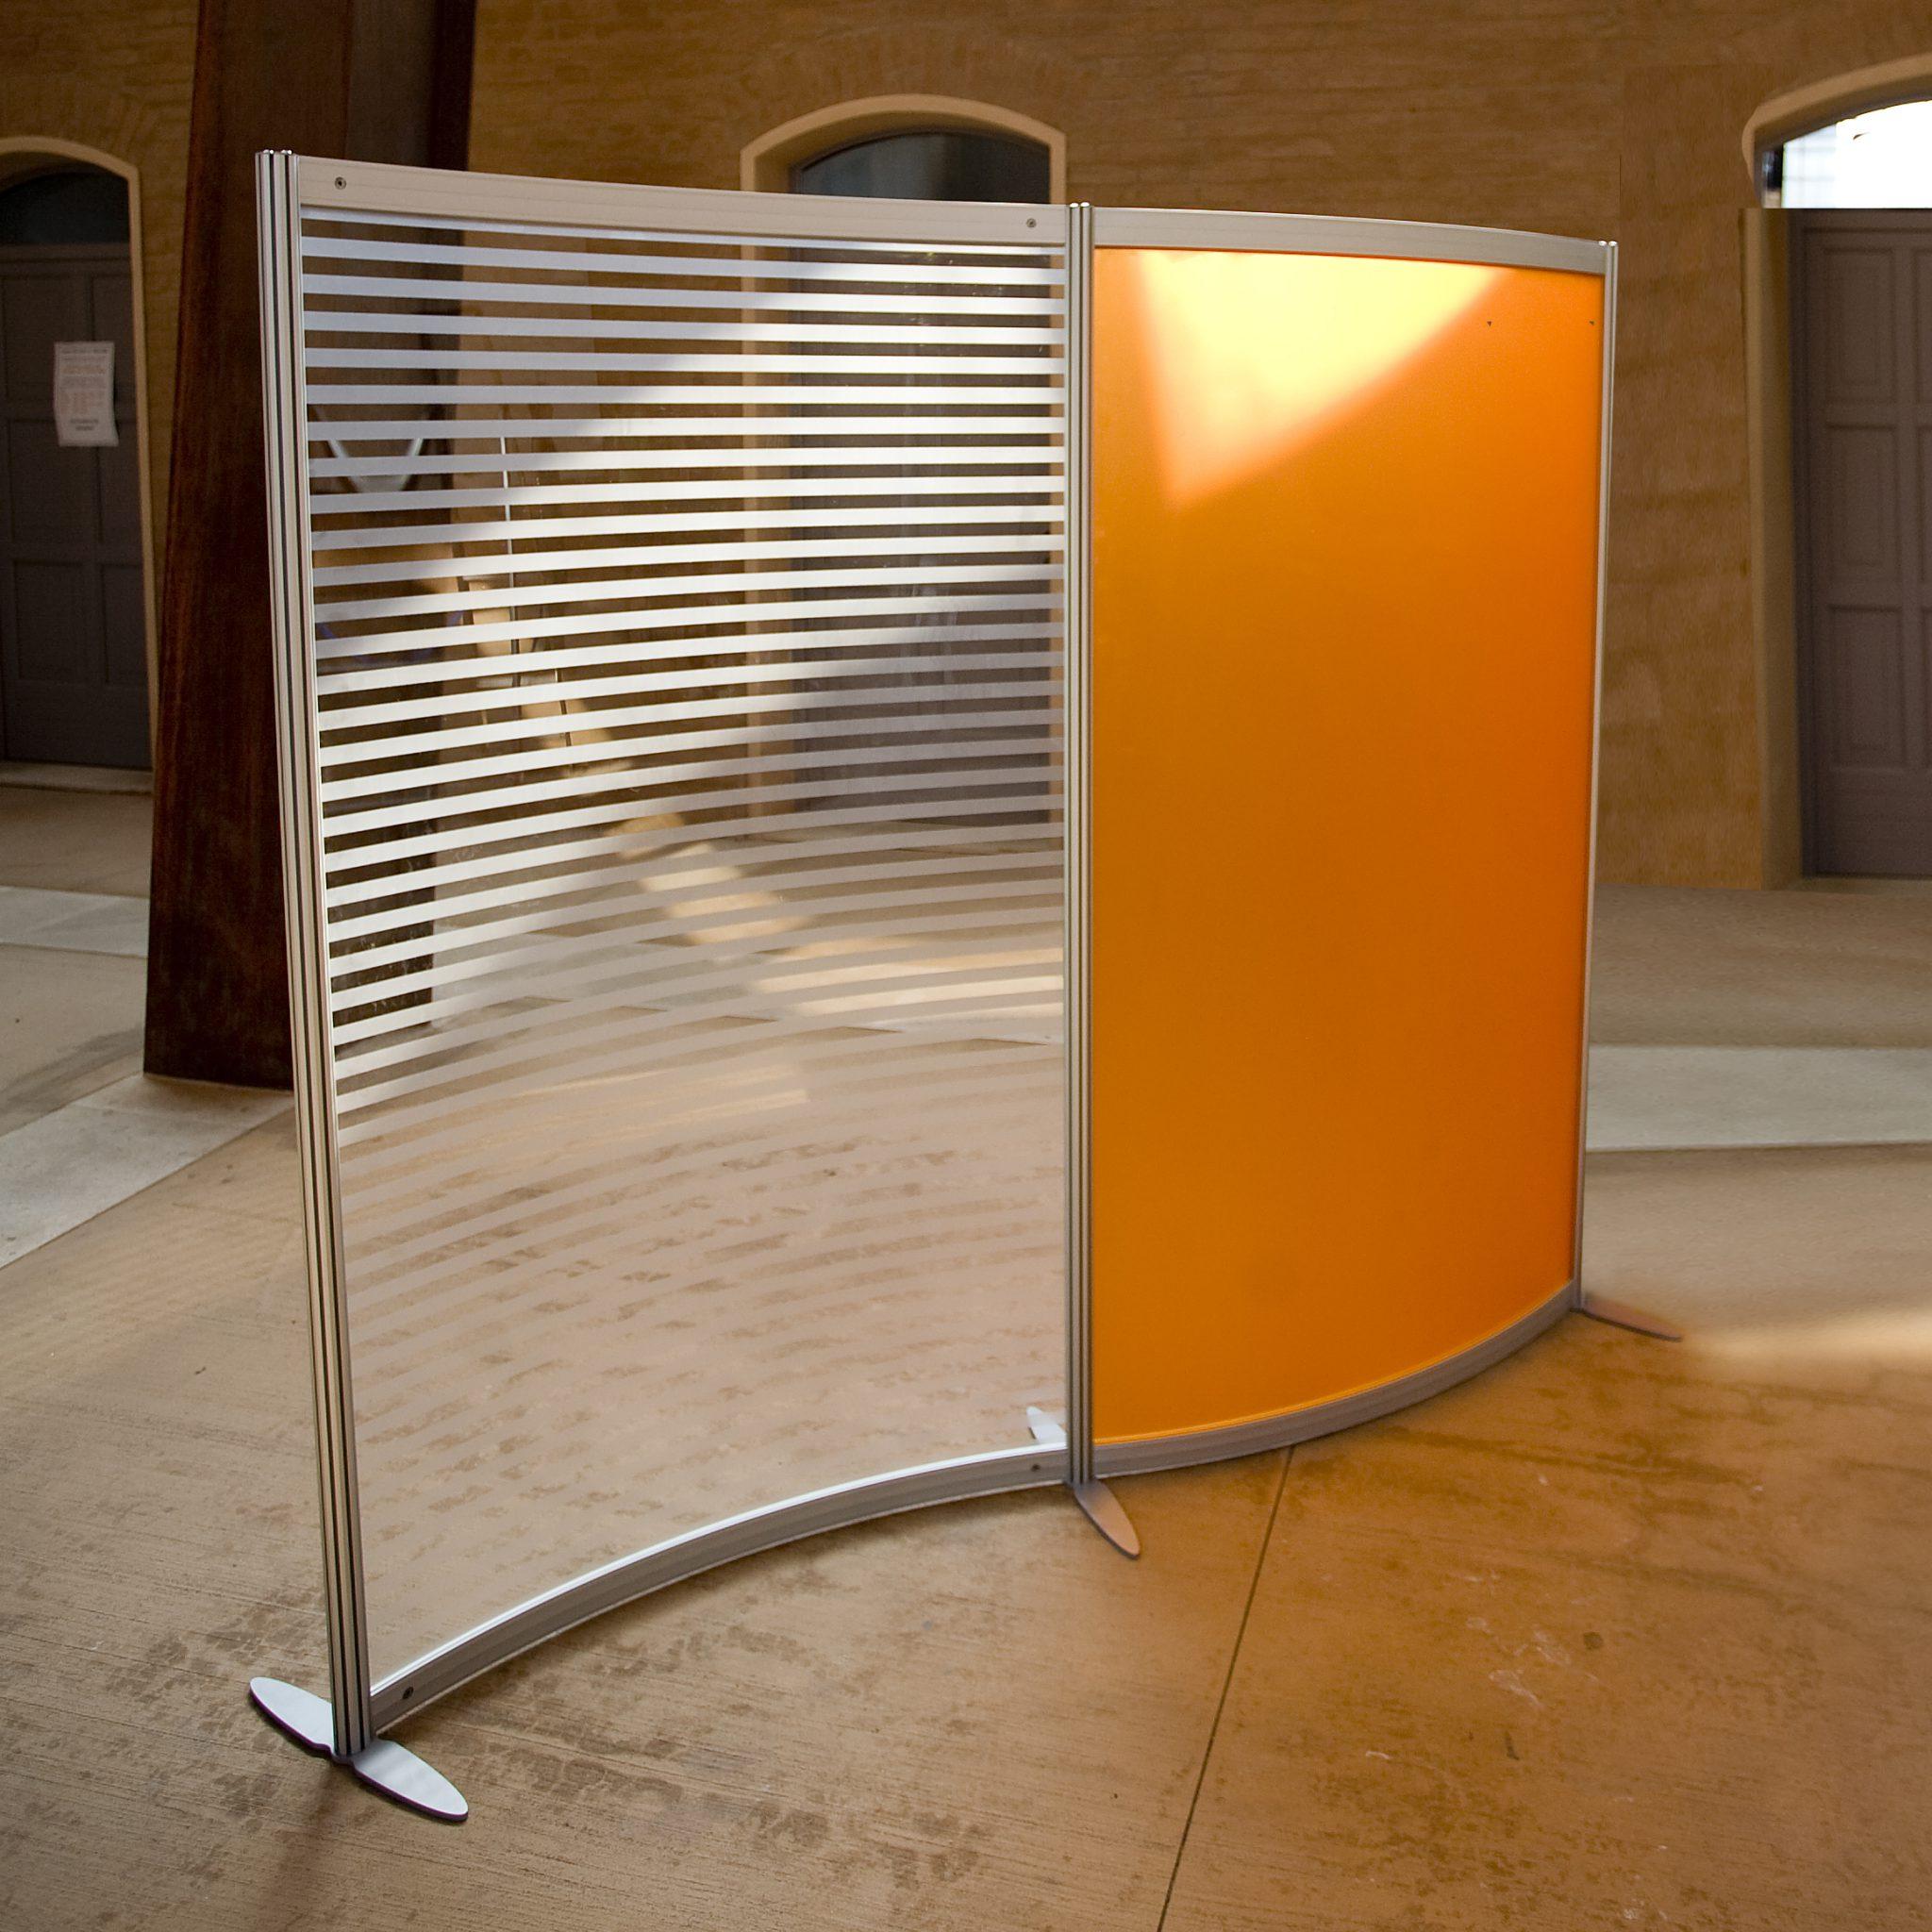 Divisori mobili per ufficio colorati arancio e rigato for Divisori mobili per ufficio